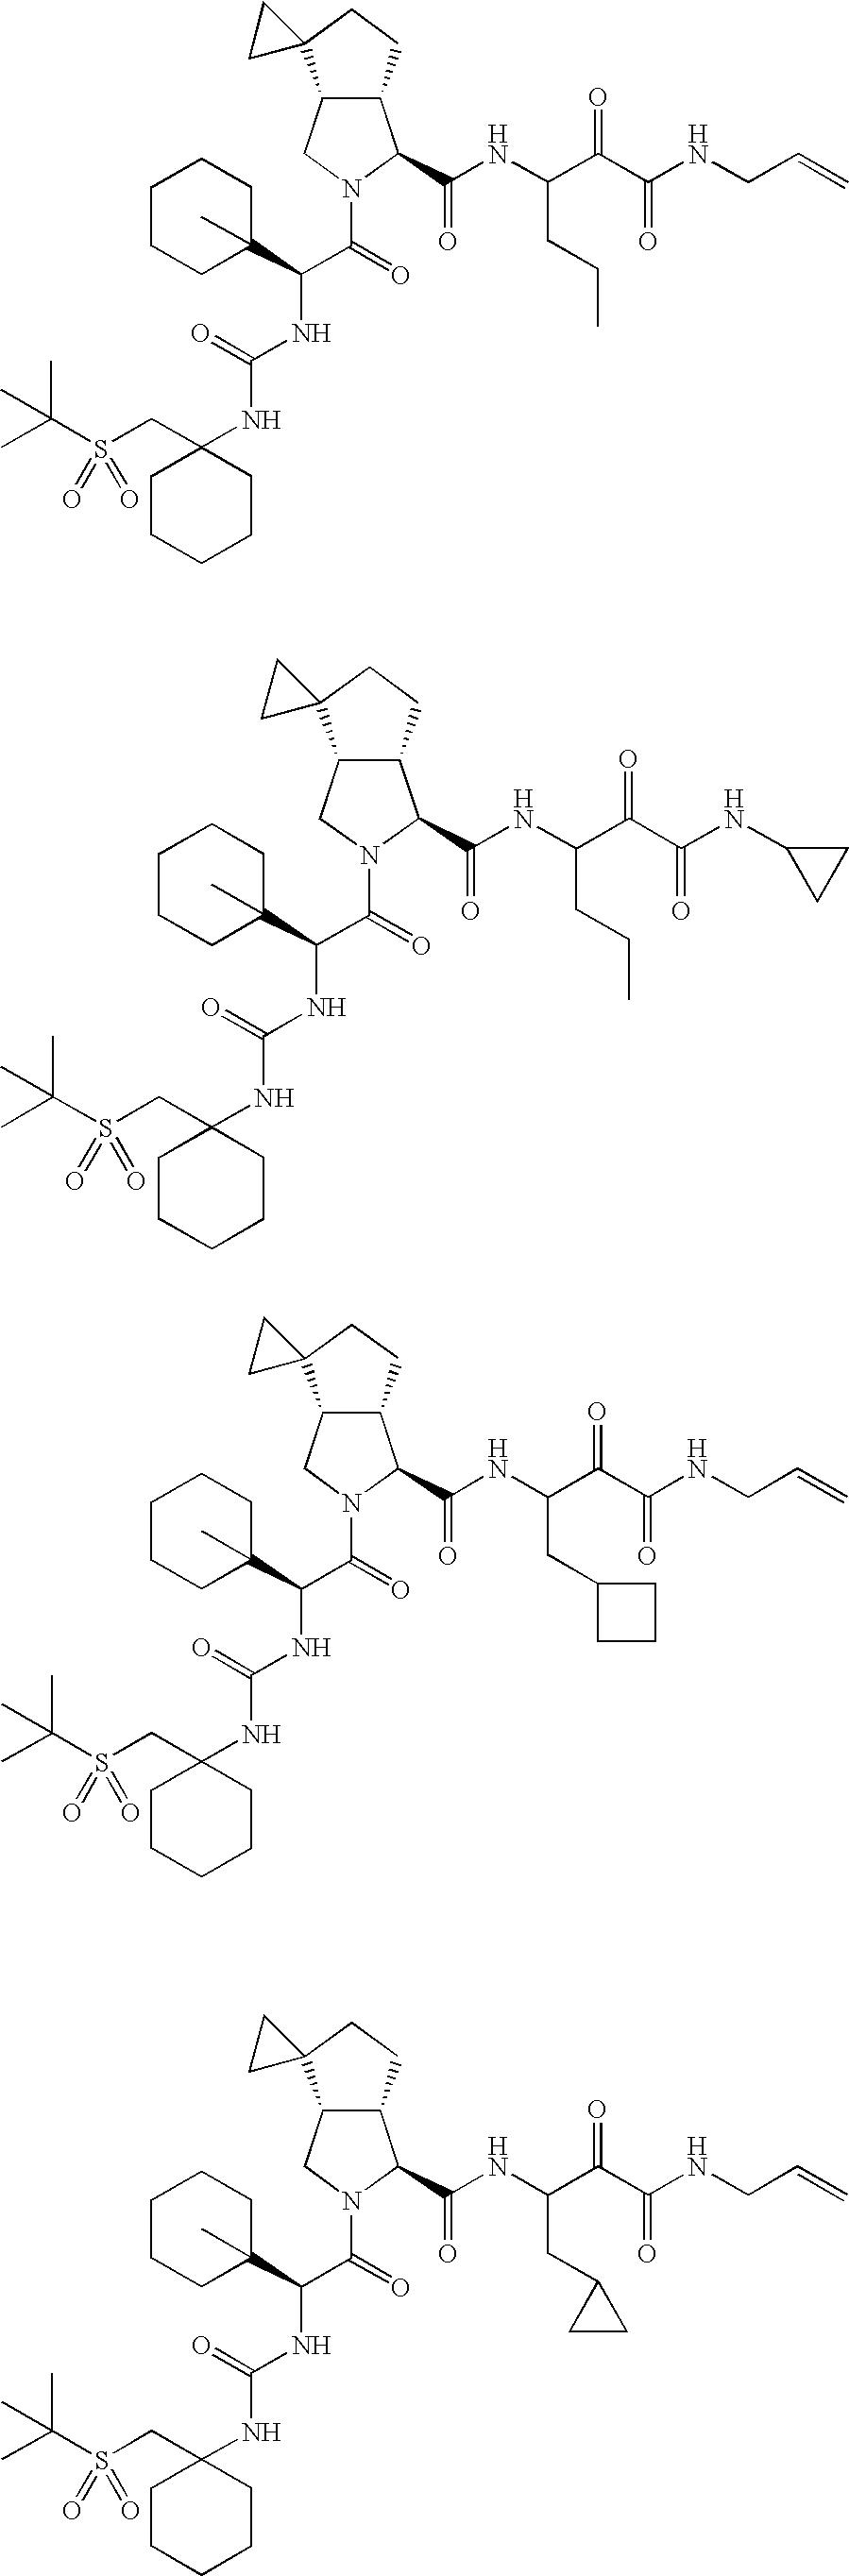 Figure US20060287248A1-20061221-C00503